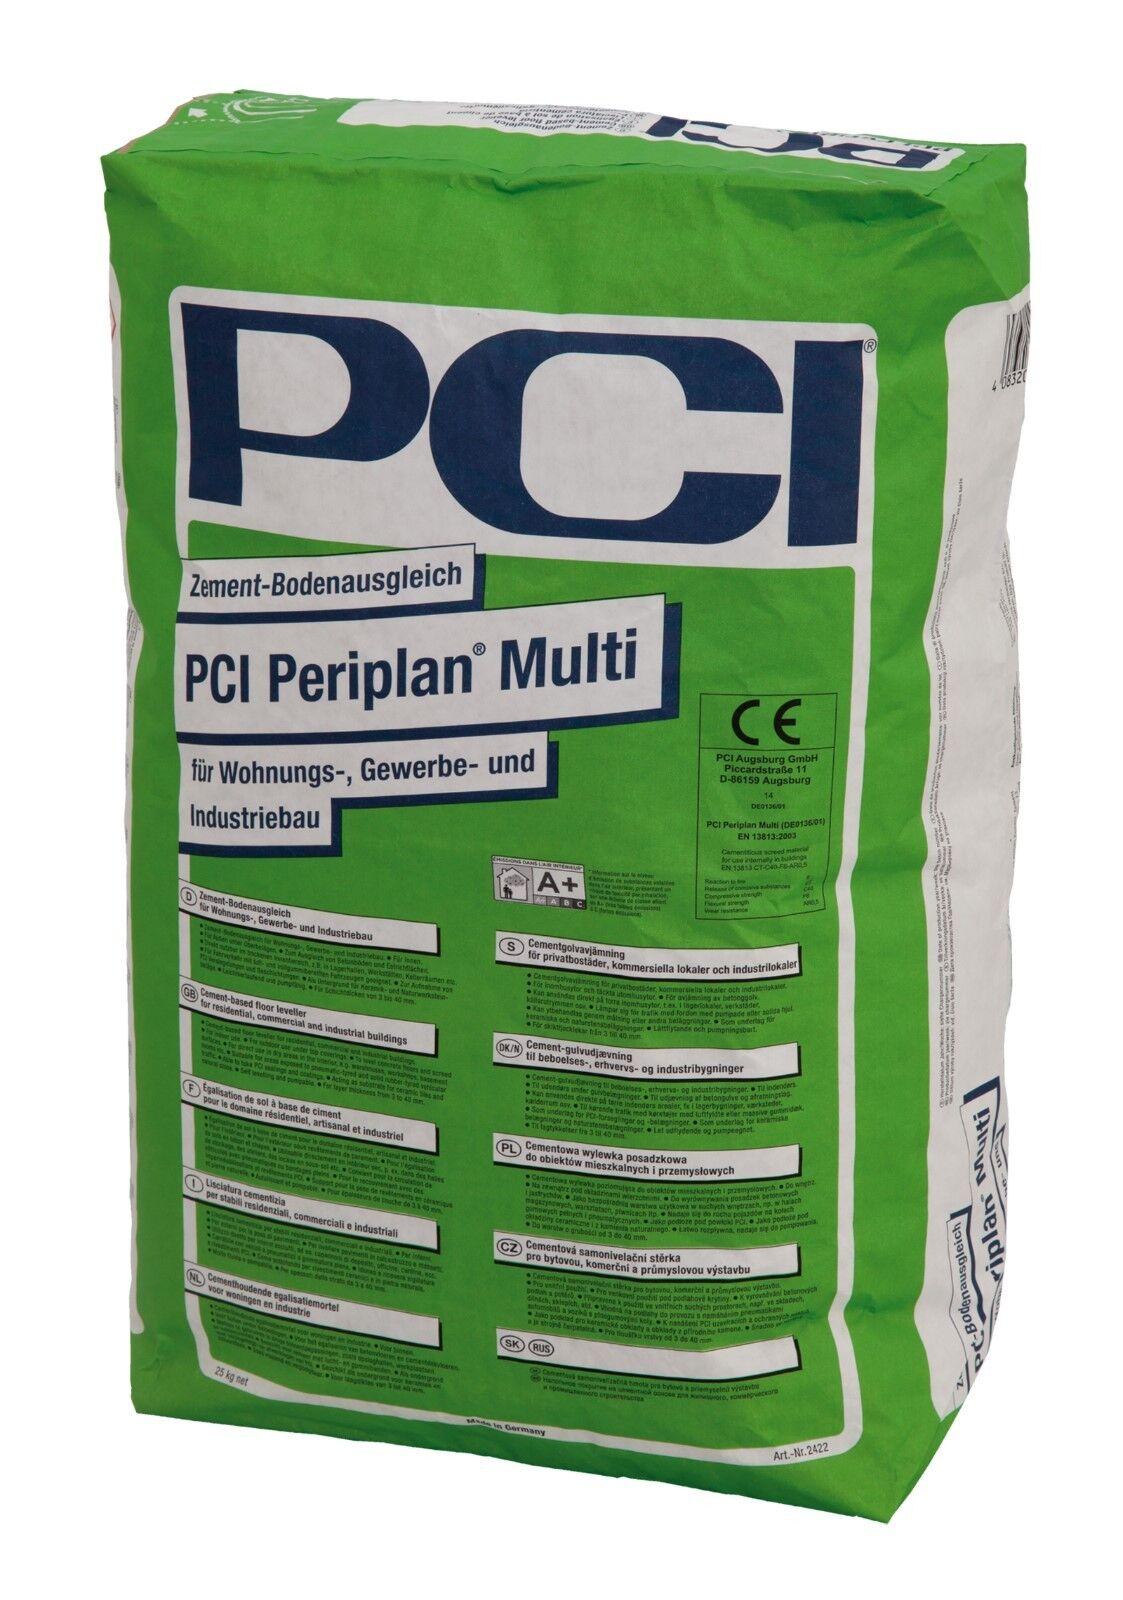 PCI Periplan Multi 25 kg Zement-Bodenausgleich für Wohnungsbau und Gewerbebau